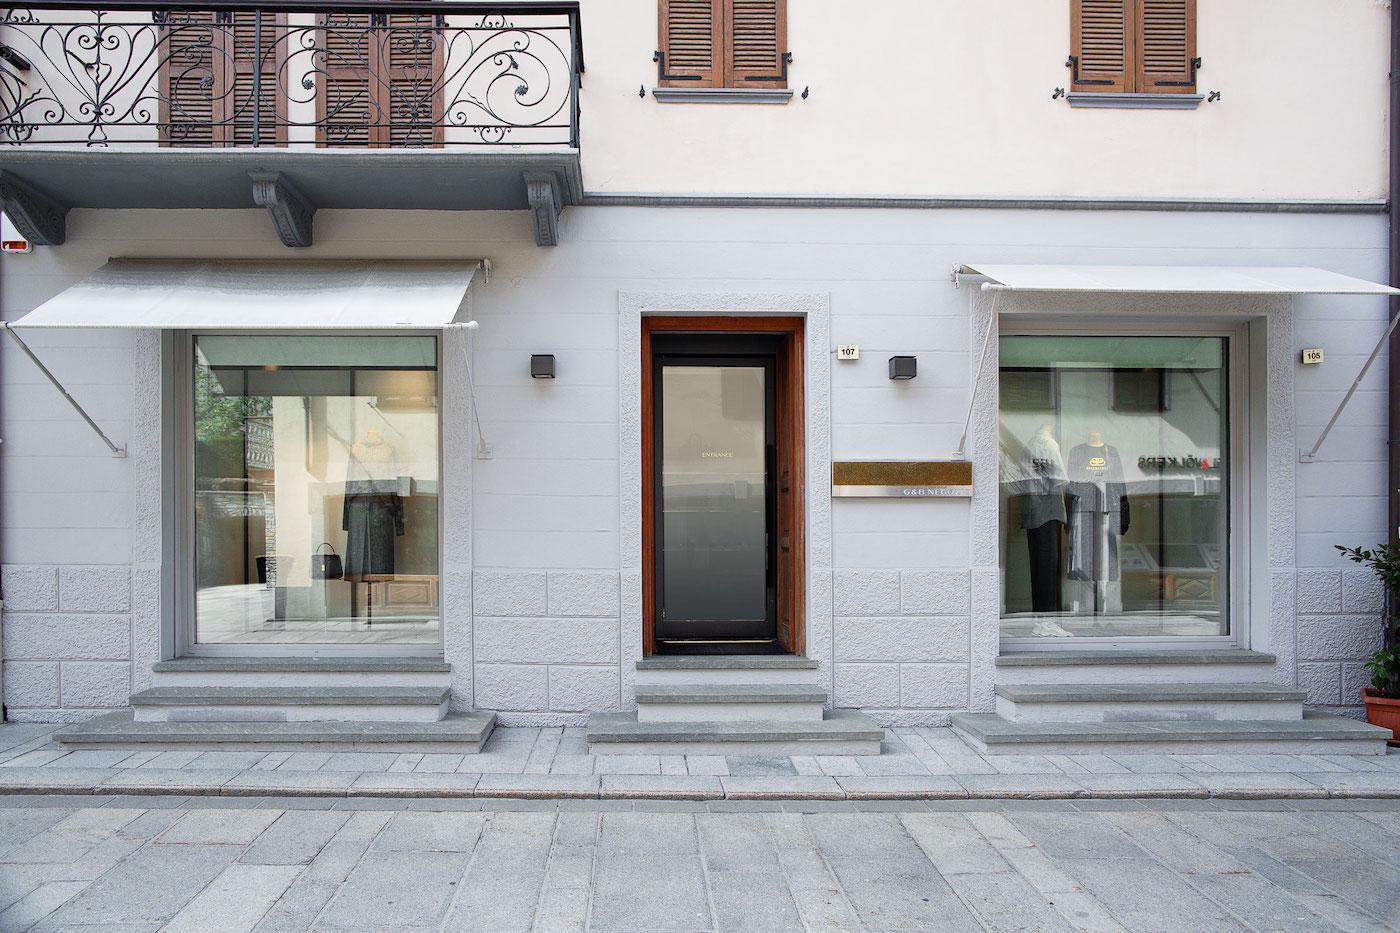 G&B Negozio - Courmayeur, Via Roma 105 | Zanetti Cantieri Portfolio